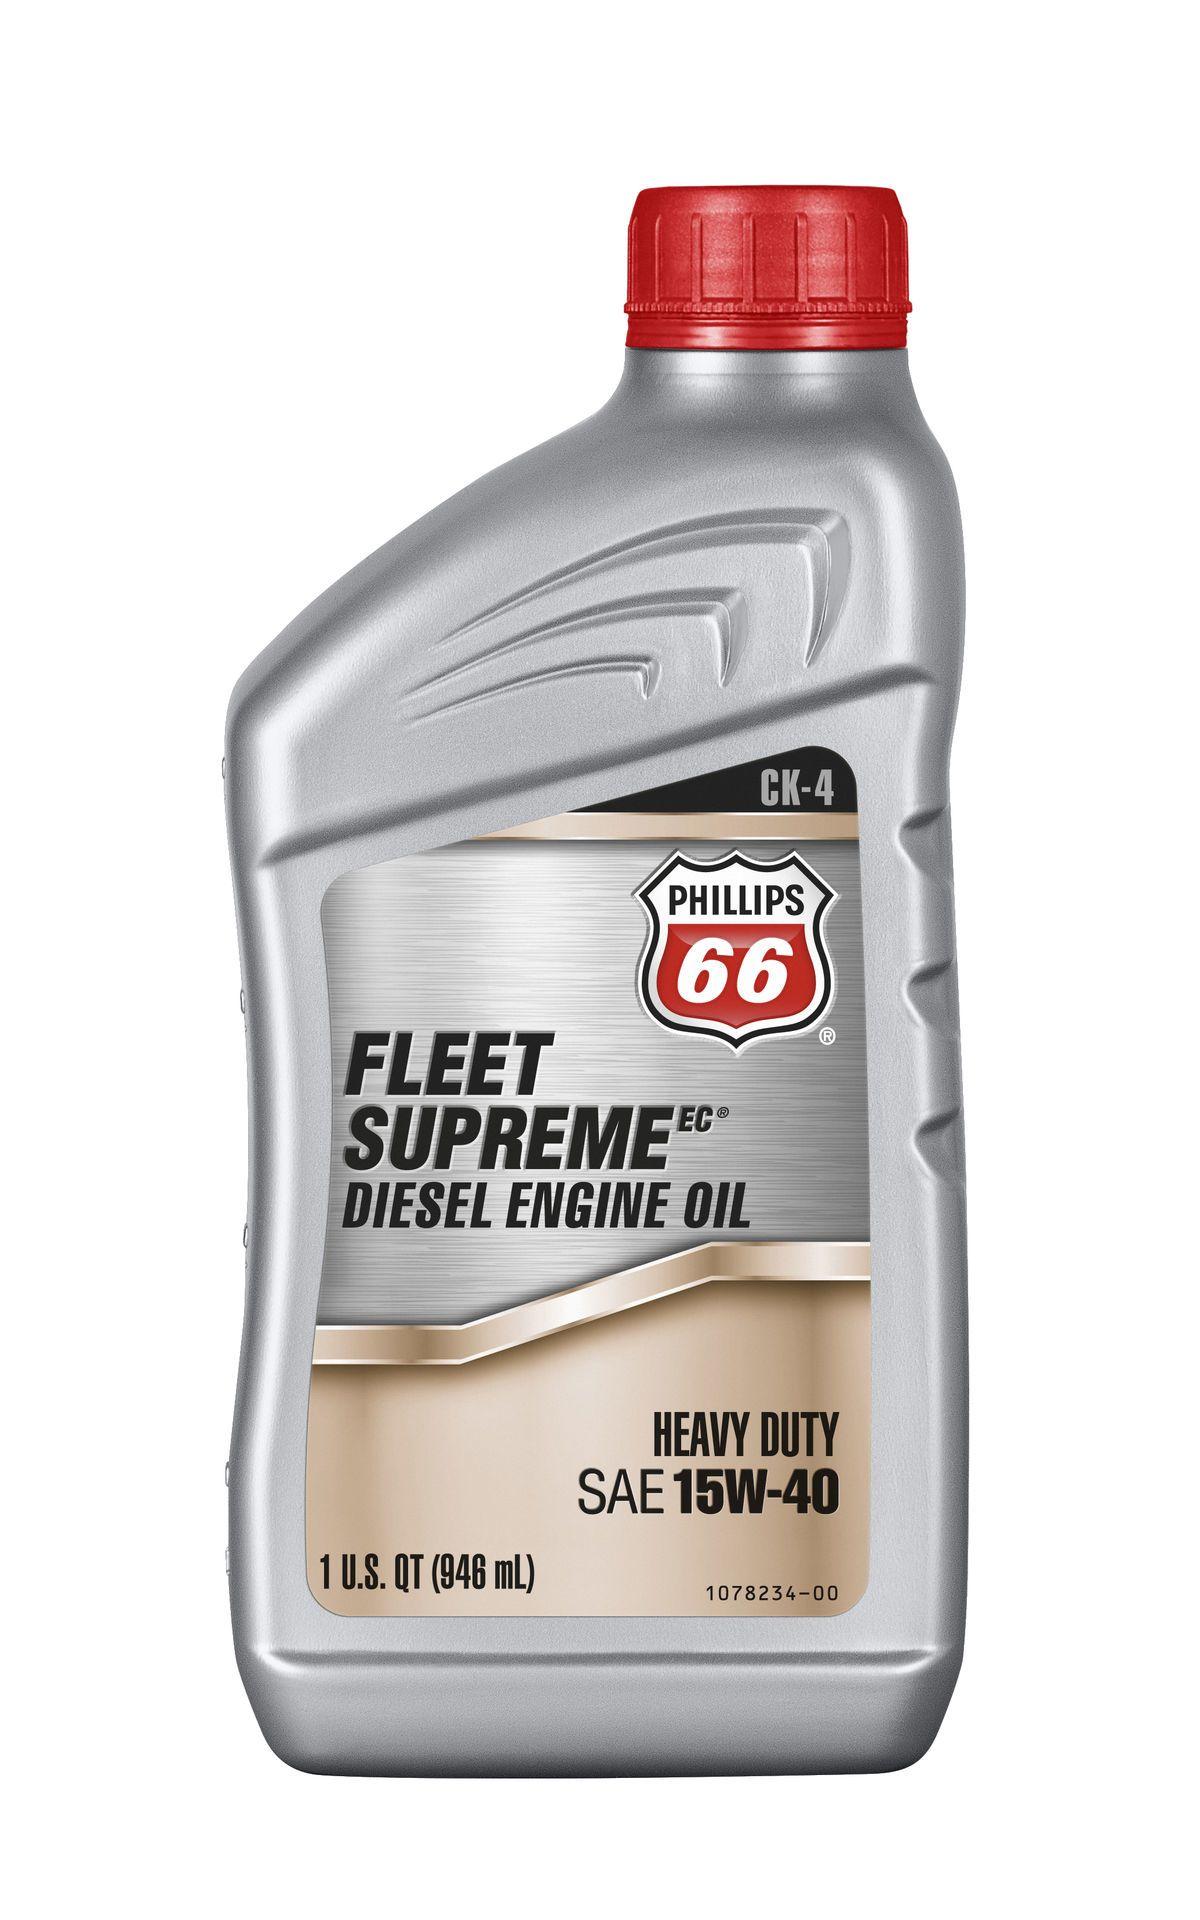 Buy phillips 66 fleet supreme 15w40 engine oil online for Buy motor oil online